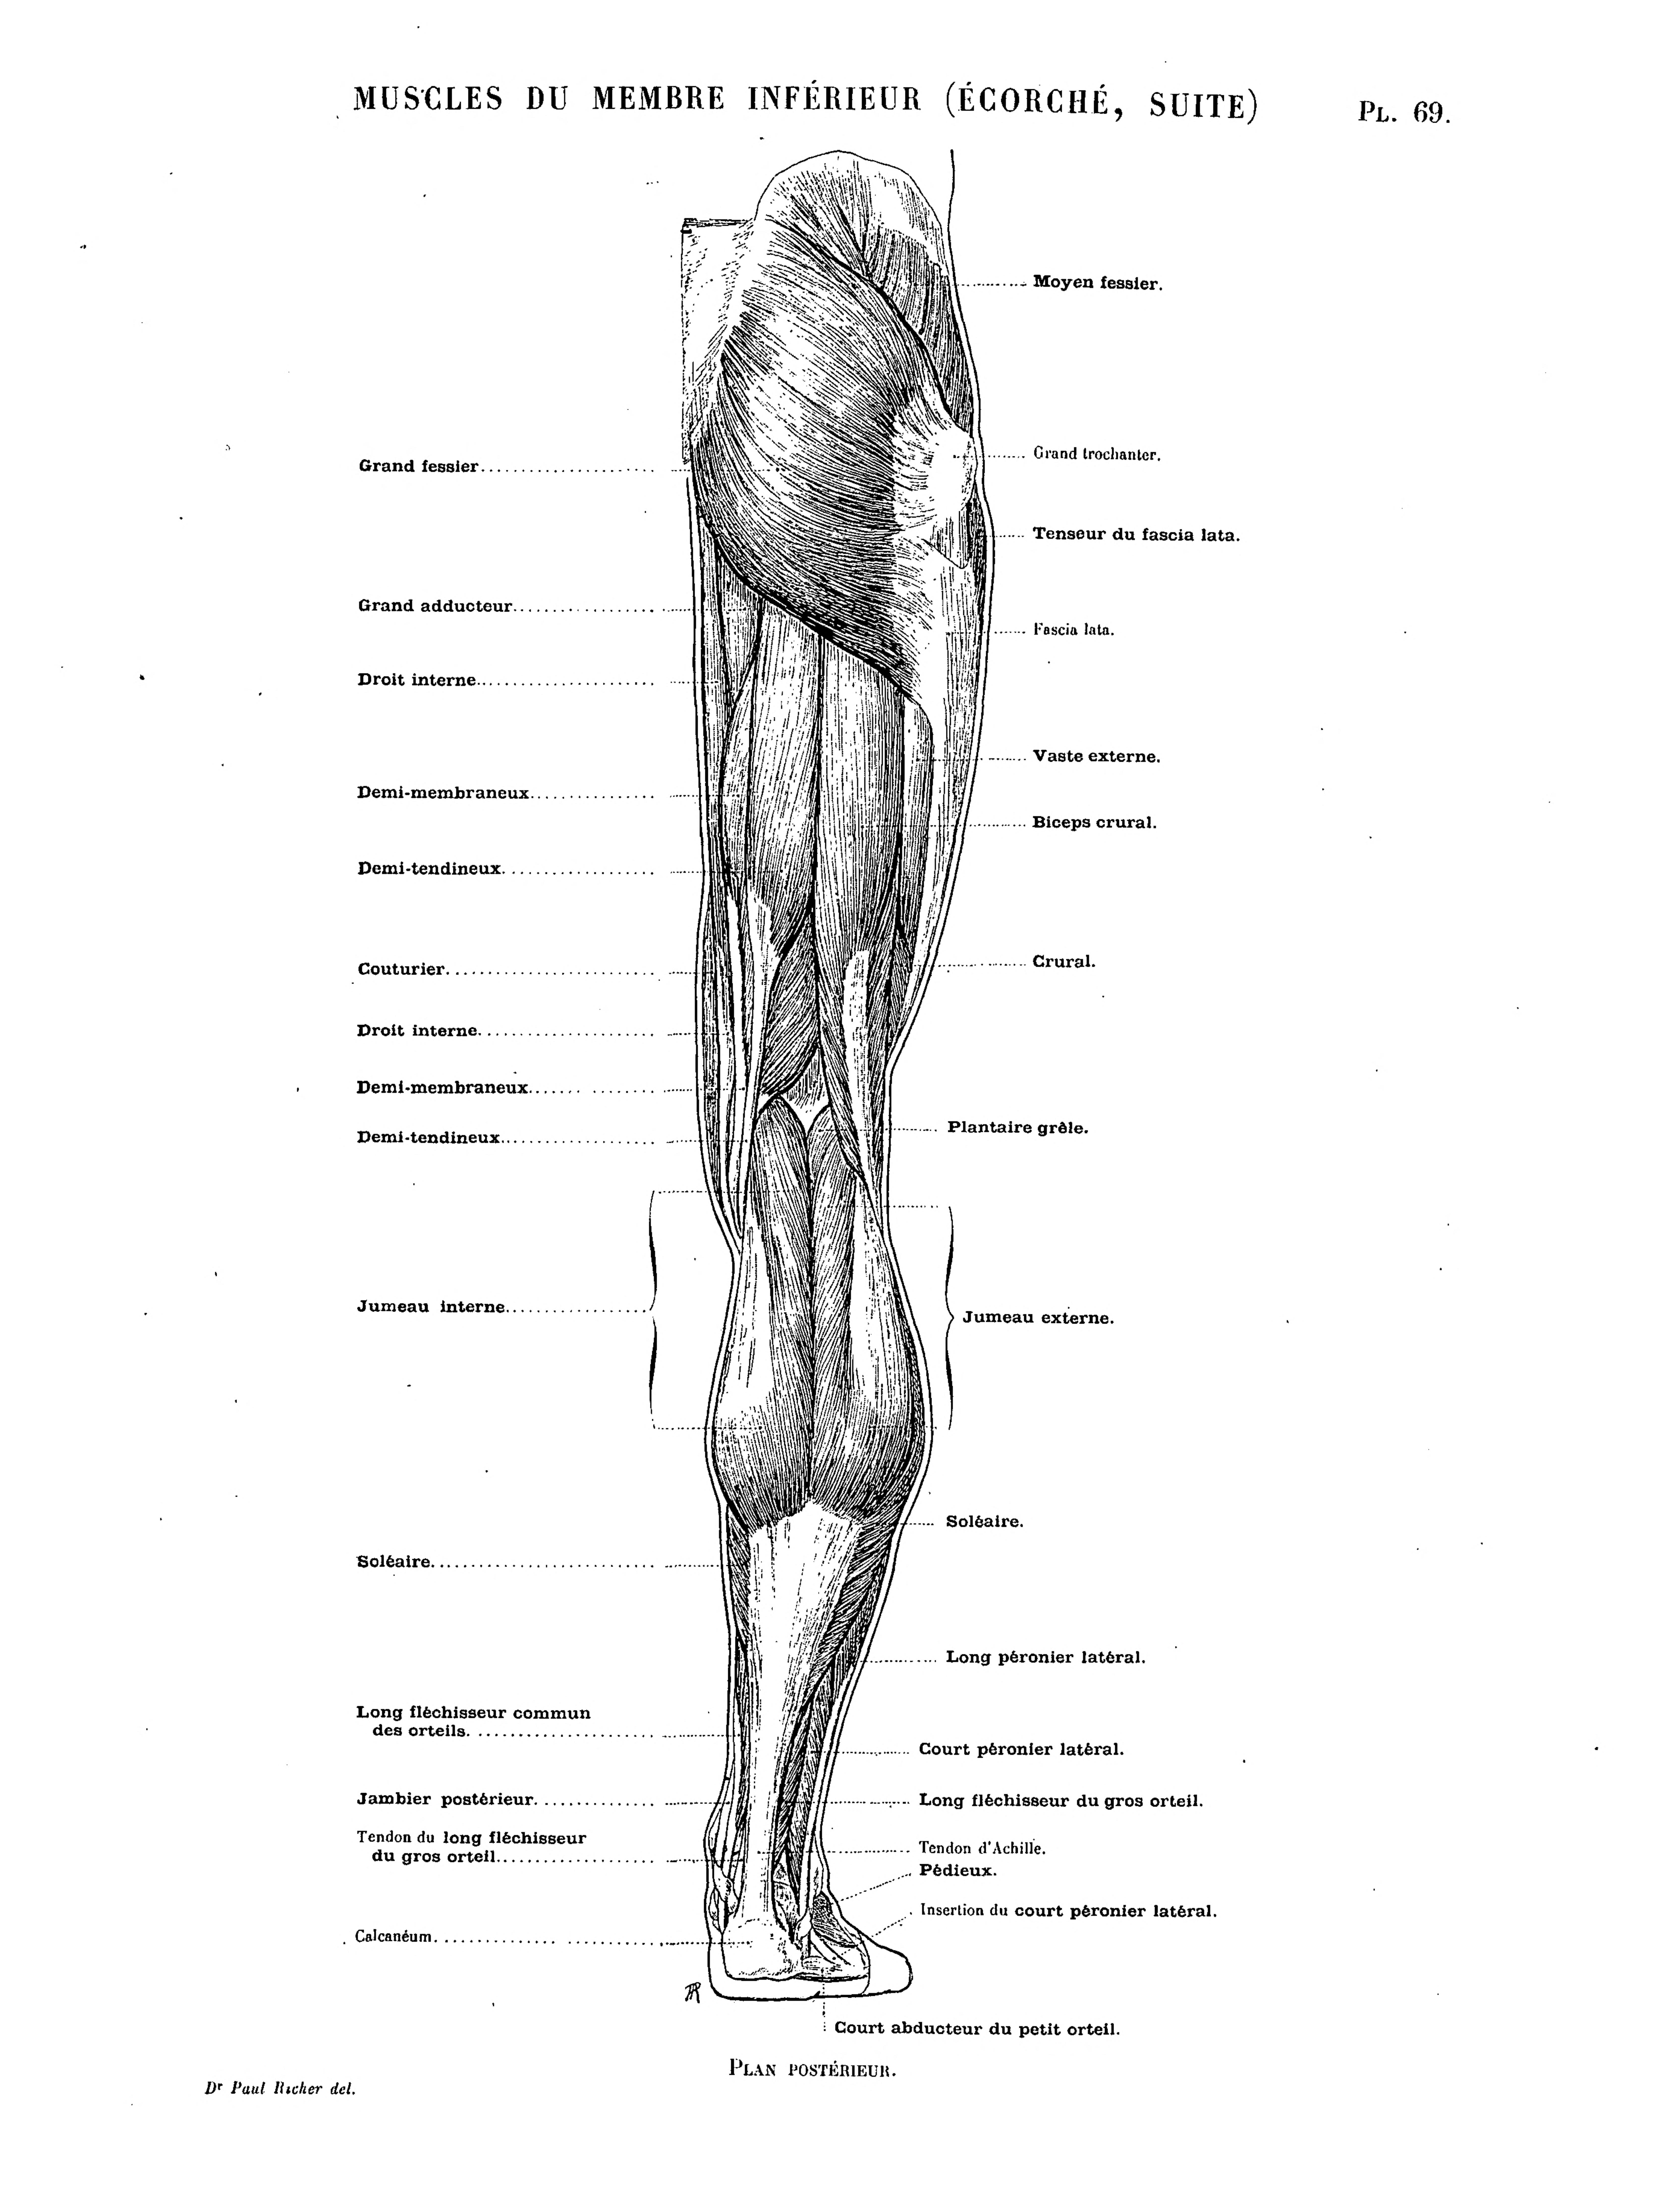 Beste Anatomie Der Arme Galerie - Menschliche Anatomie Bilder ...